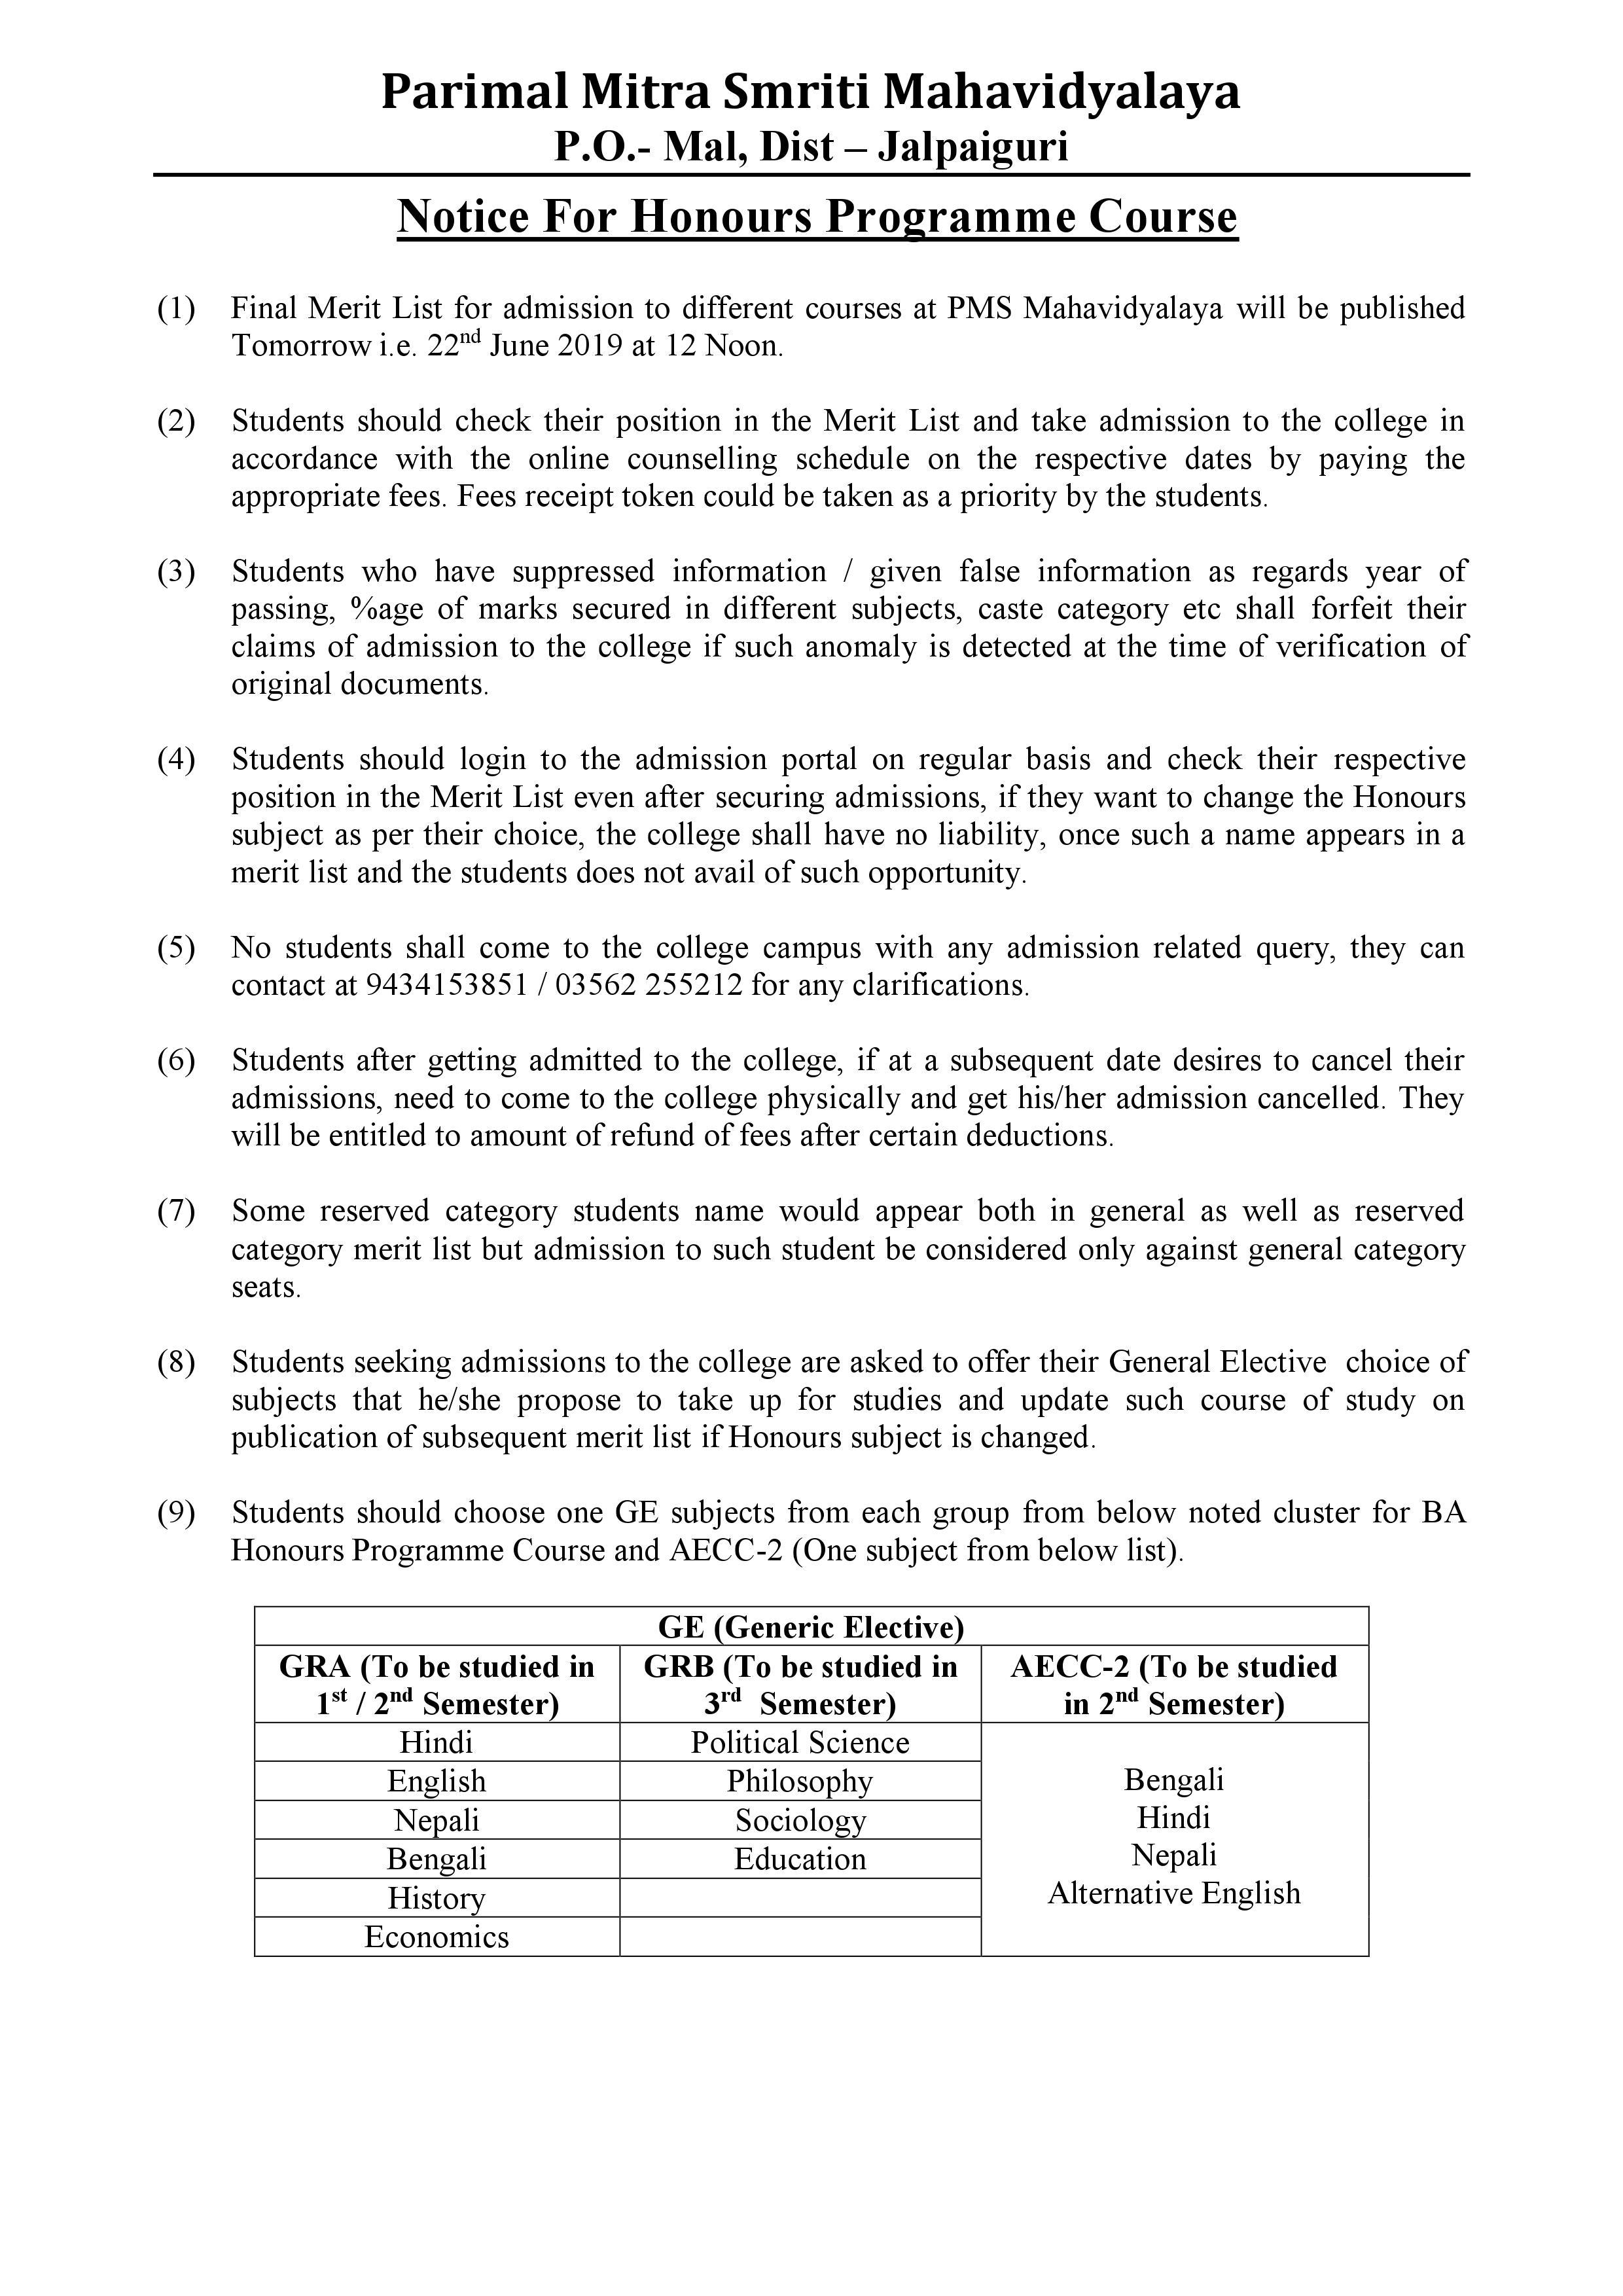 Final Merit List Admission